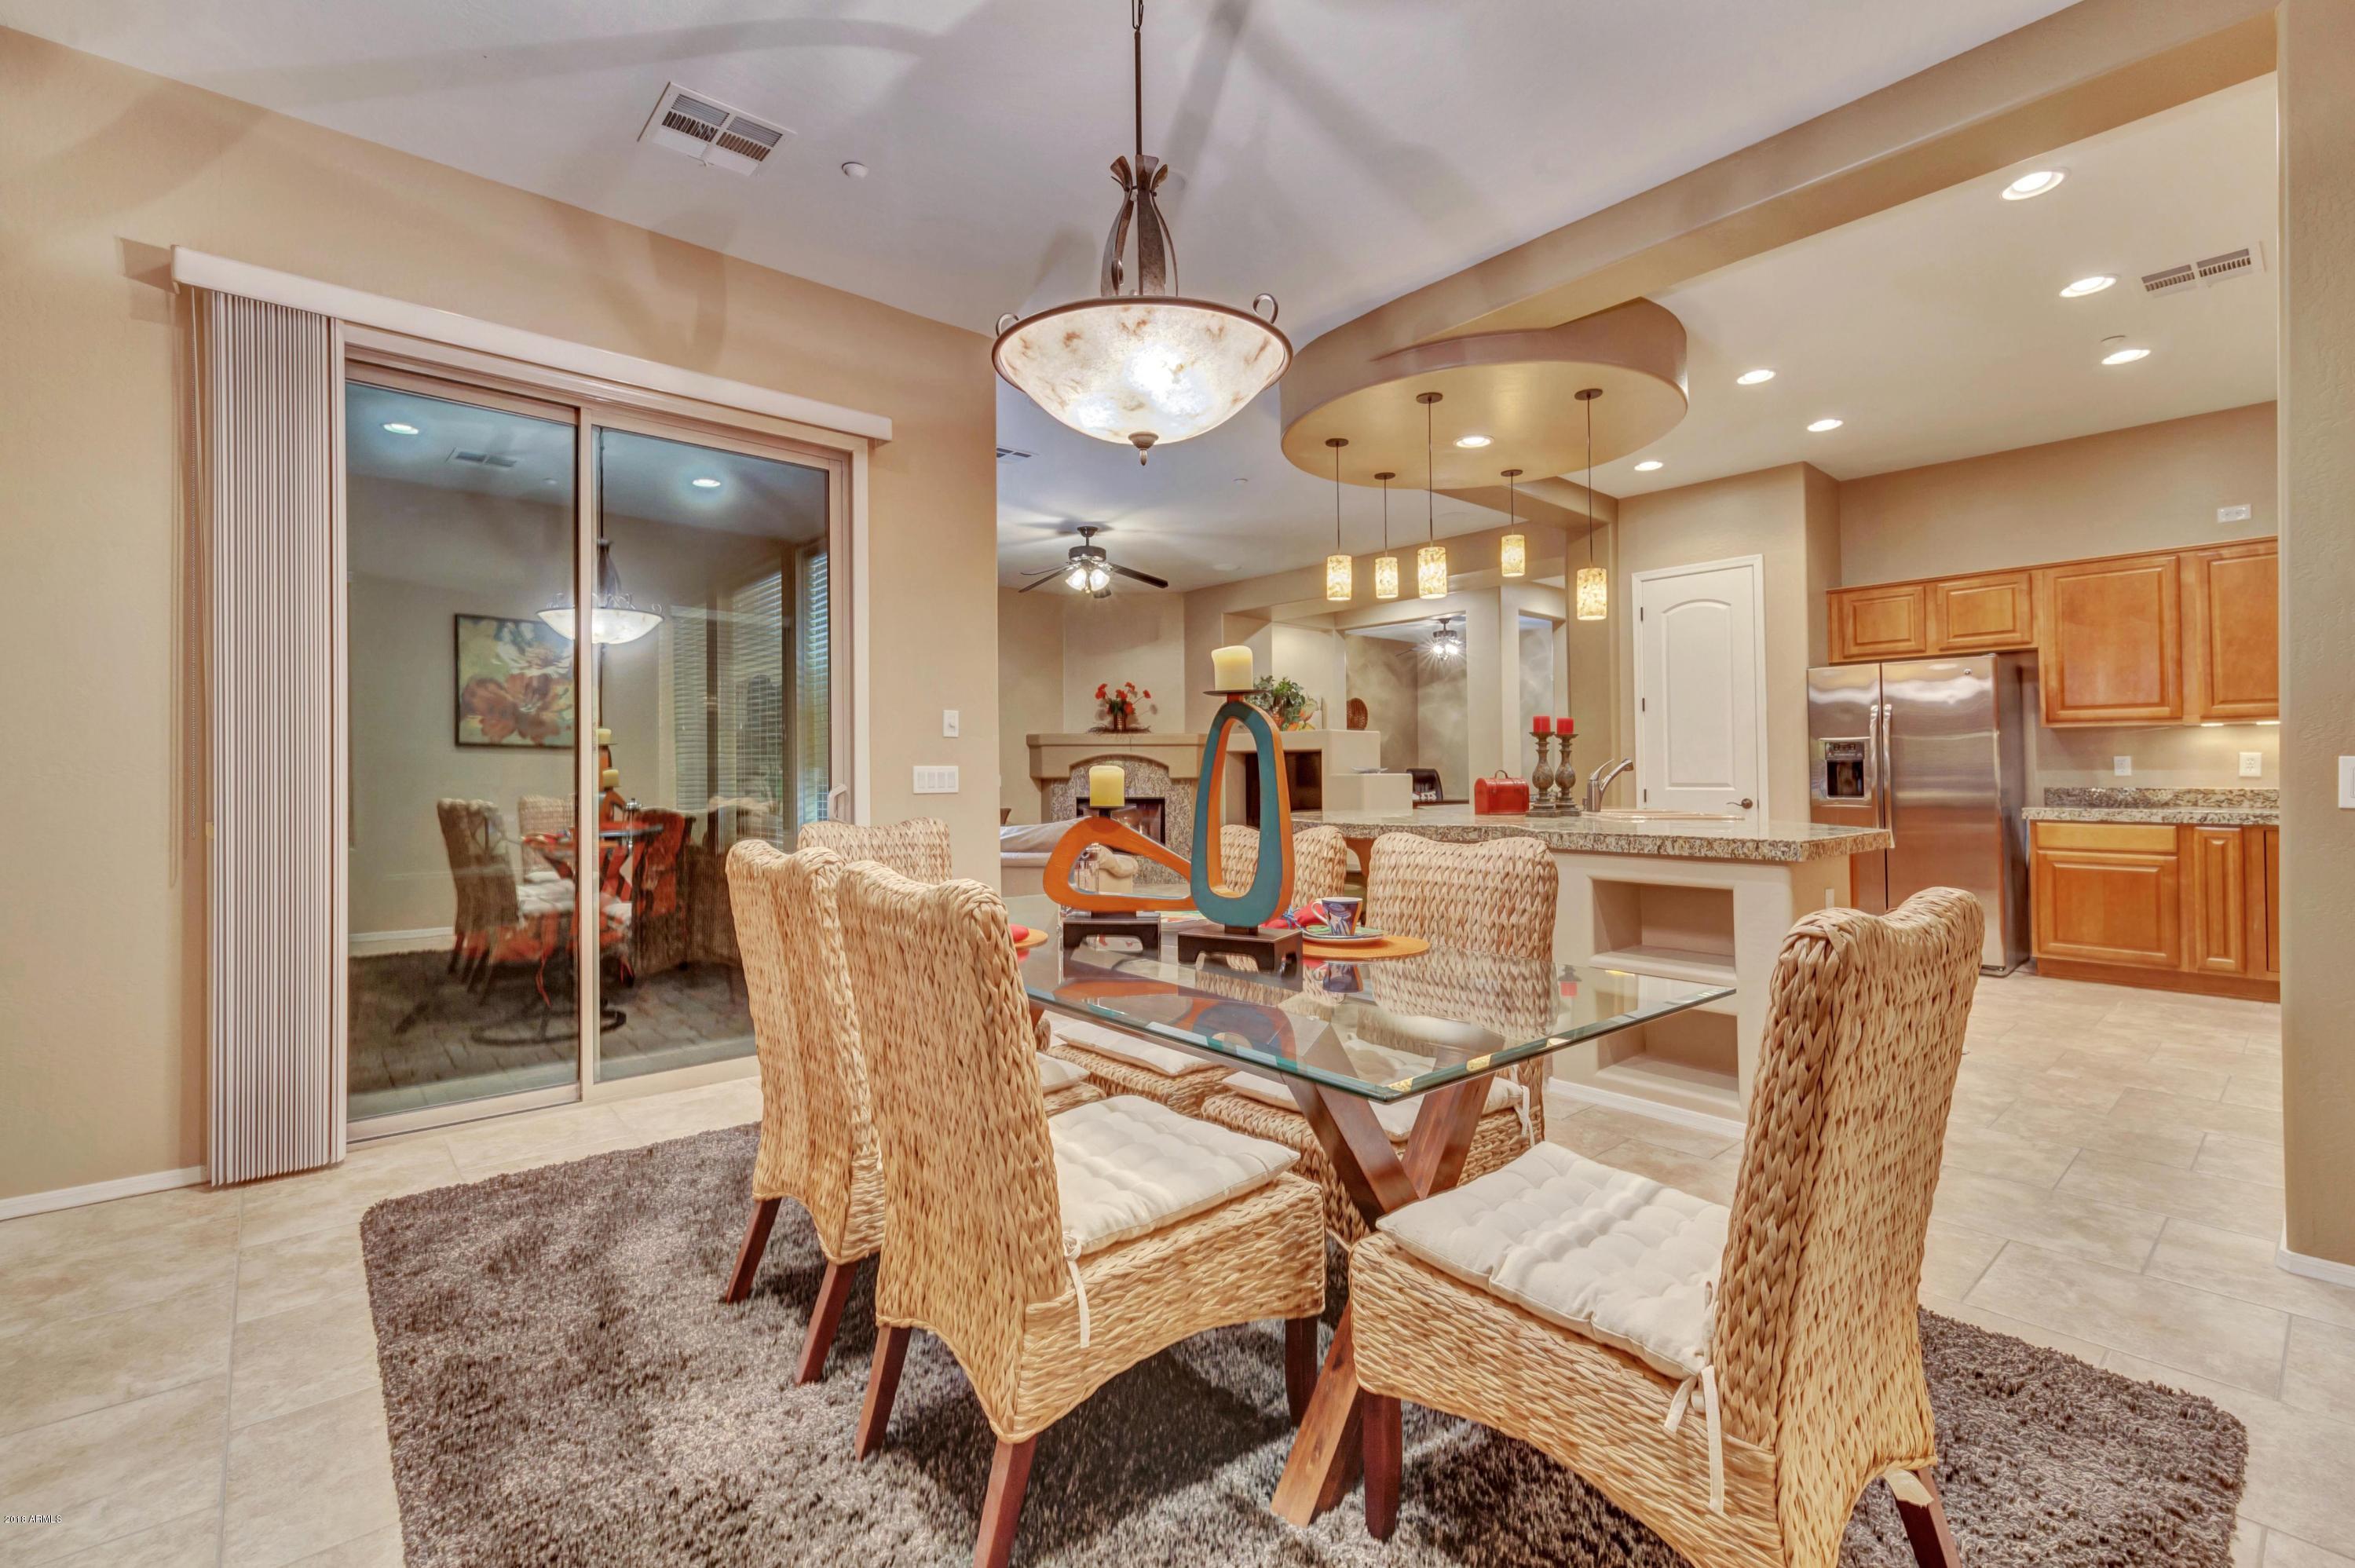 28407 N 123RD Lane Peoria, AZ 85383 - MLS #: 5851282